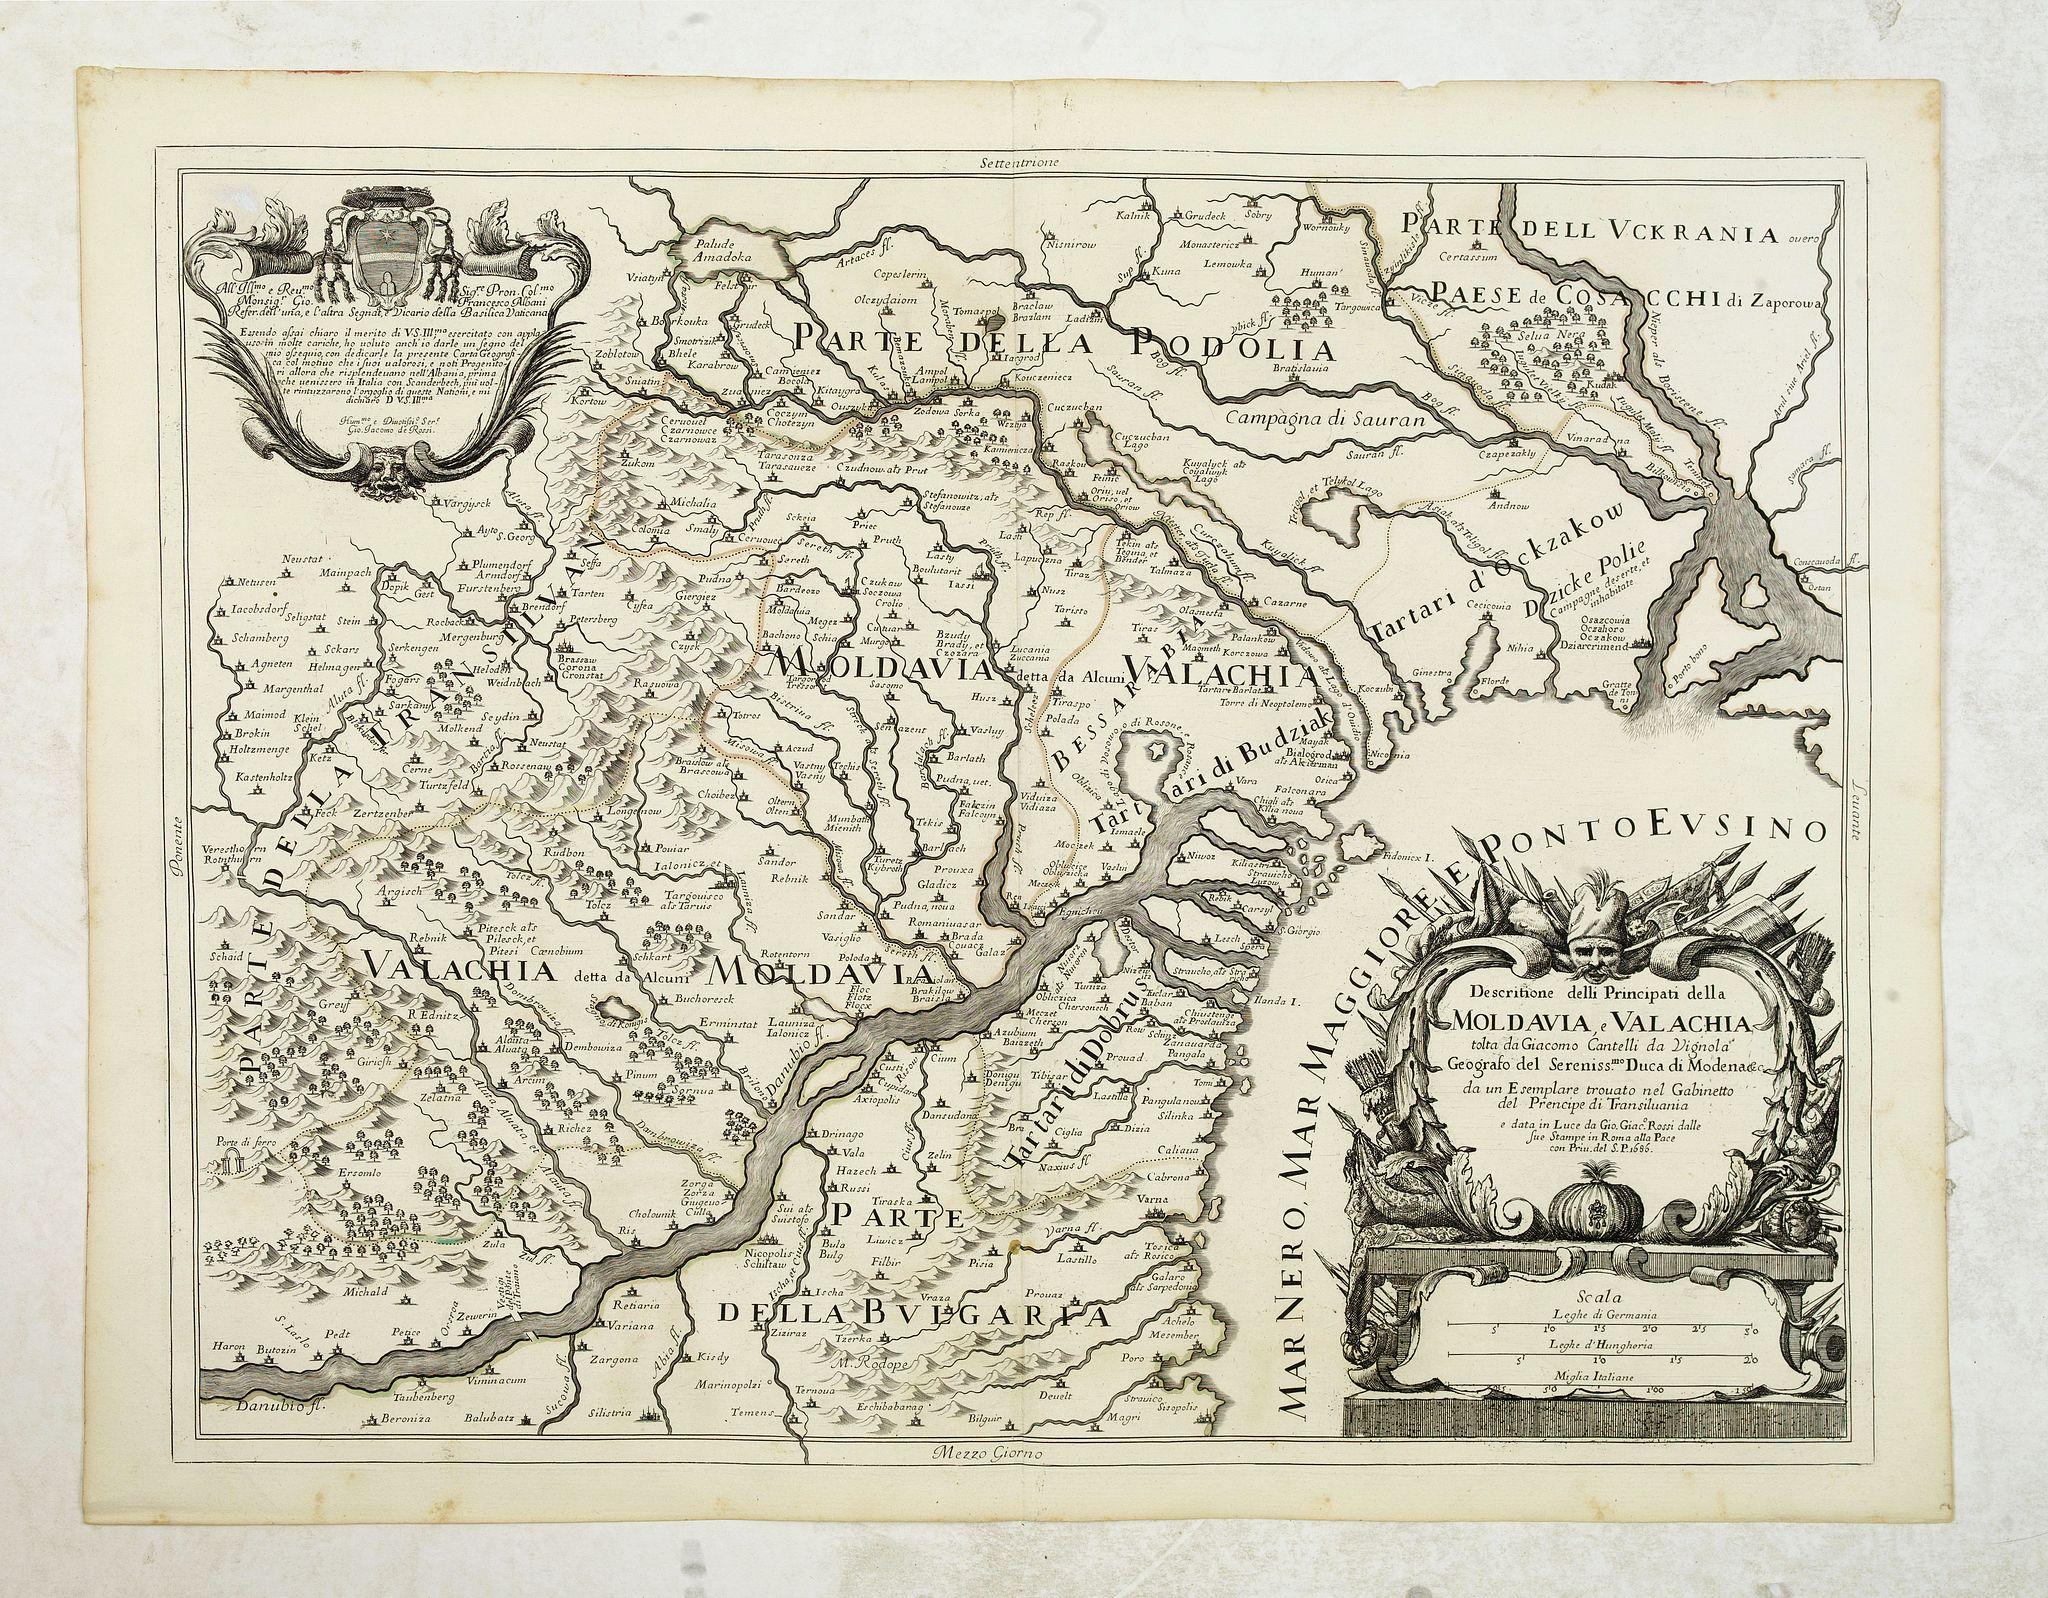 ROSSI, G.G. -  Descritione delli principati della Moldavia e Valachia / tolta da Giacomo Cantelli da Vignola.